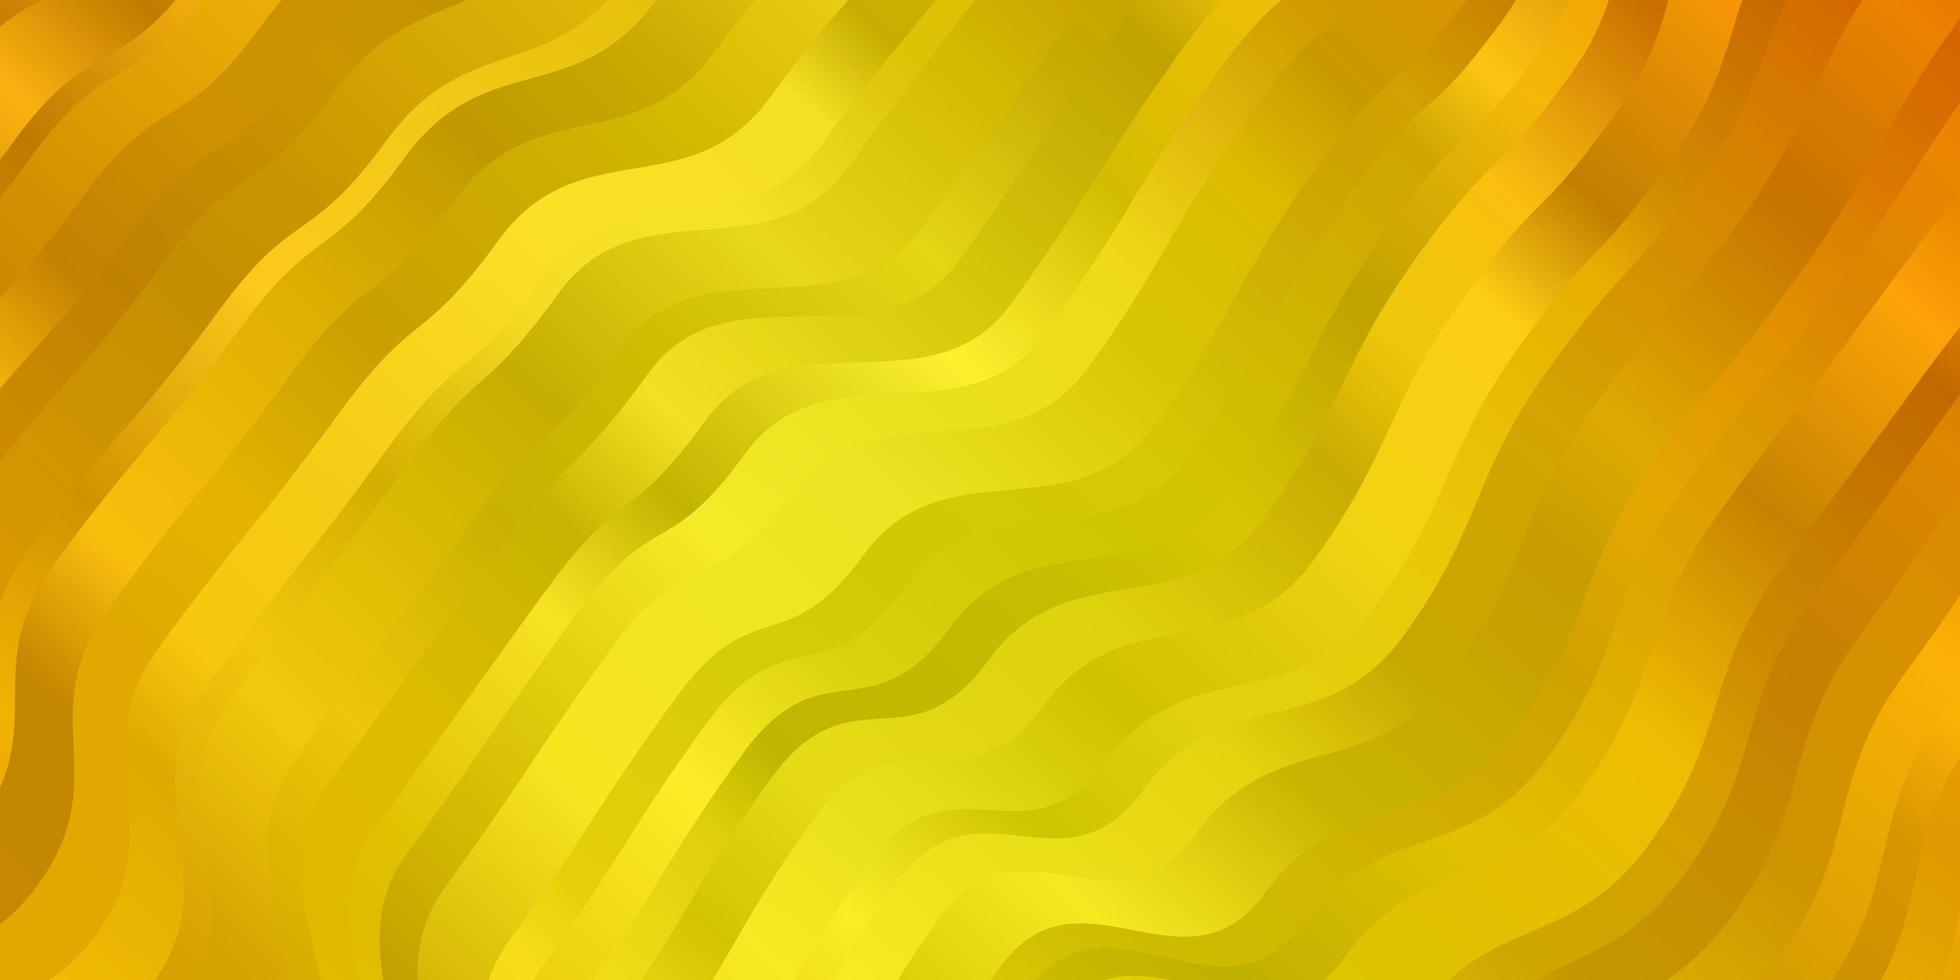 gele achtergrond met gebogen lijnen. vector